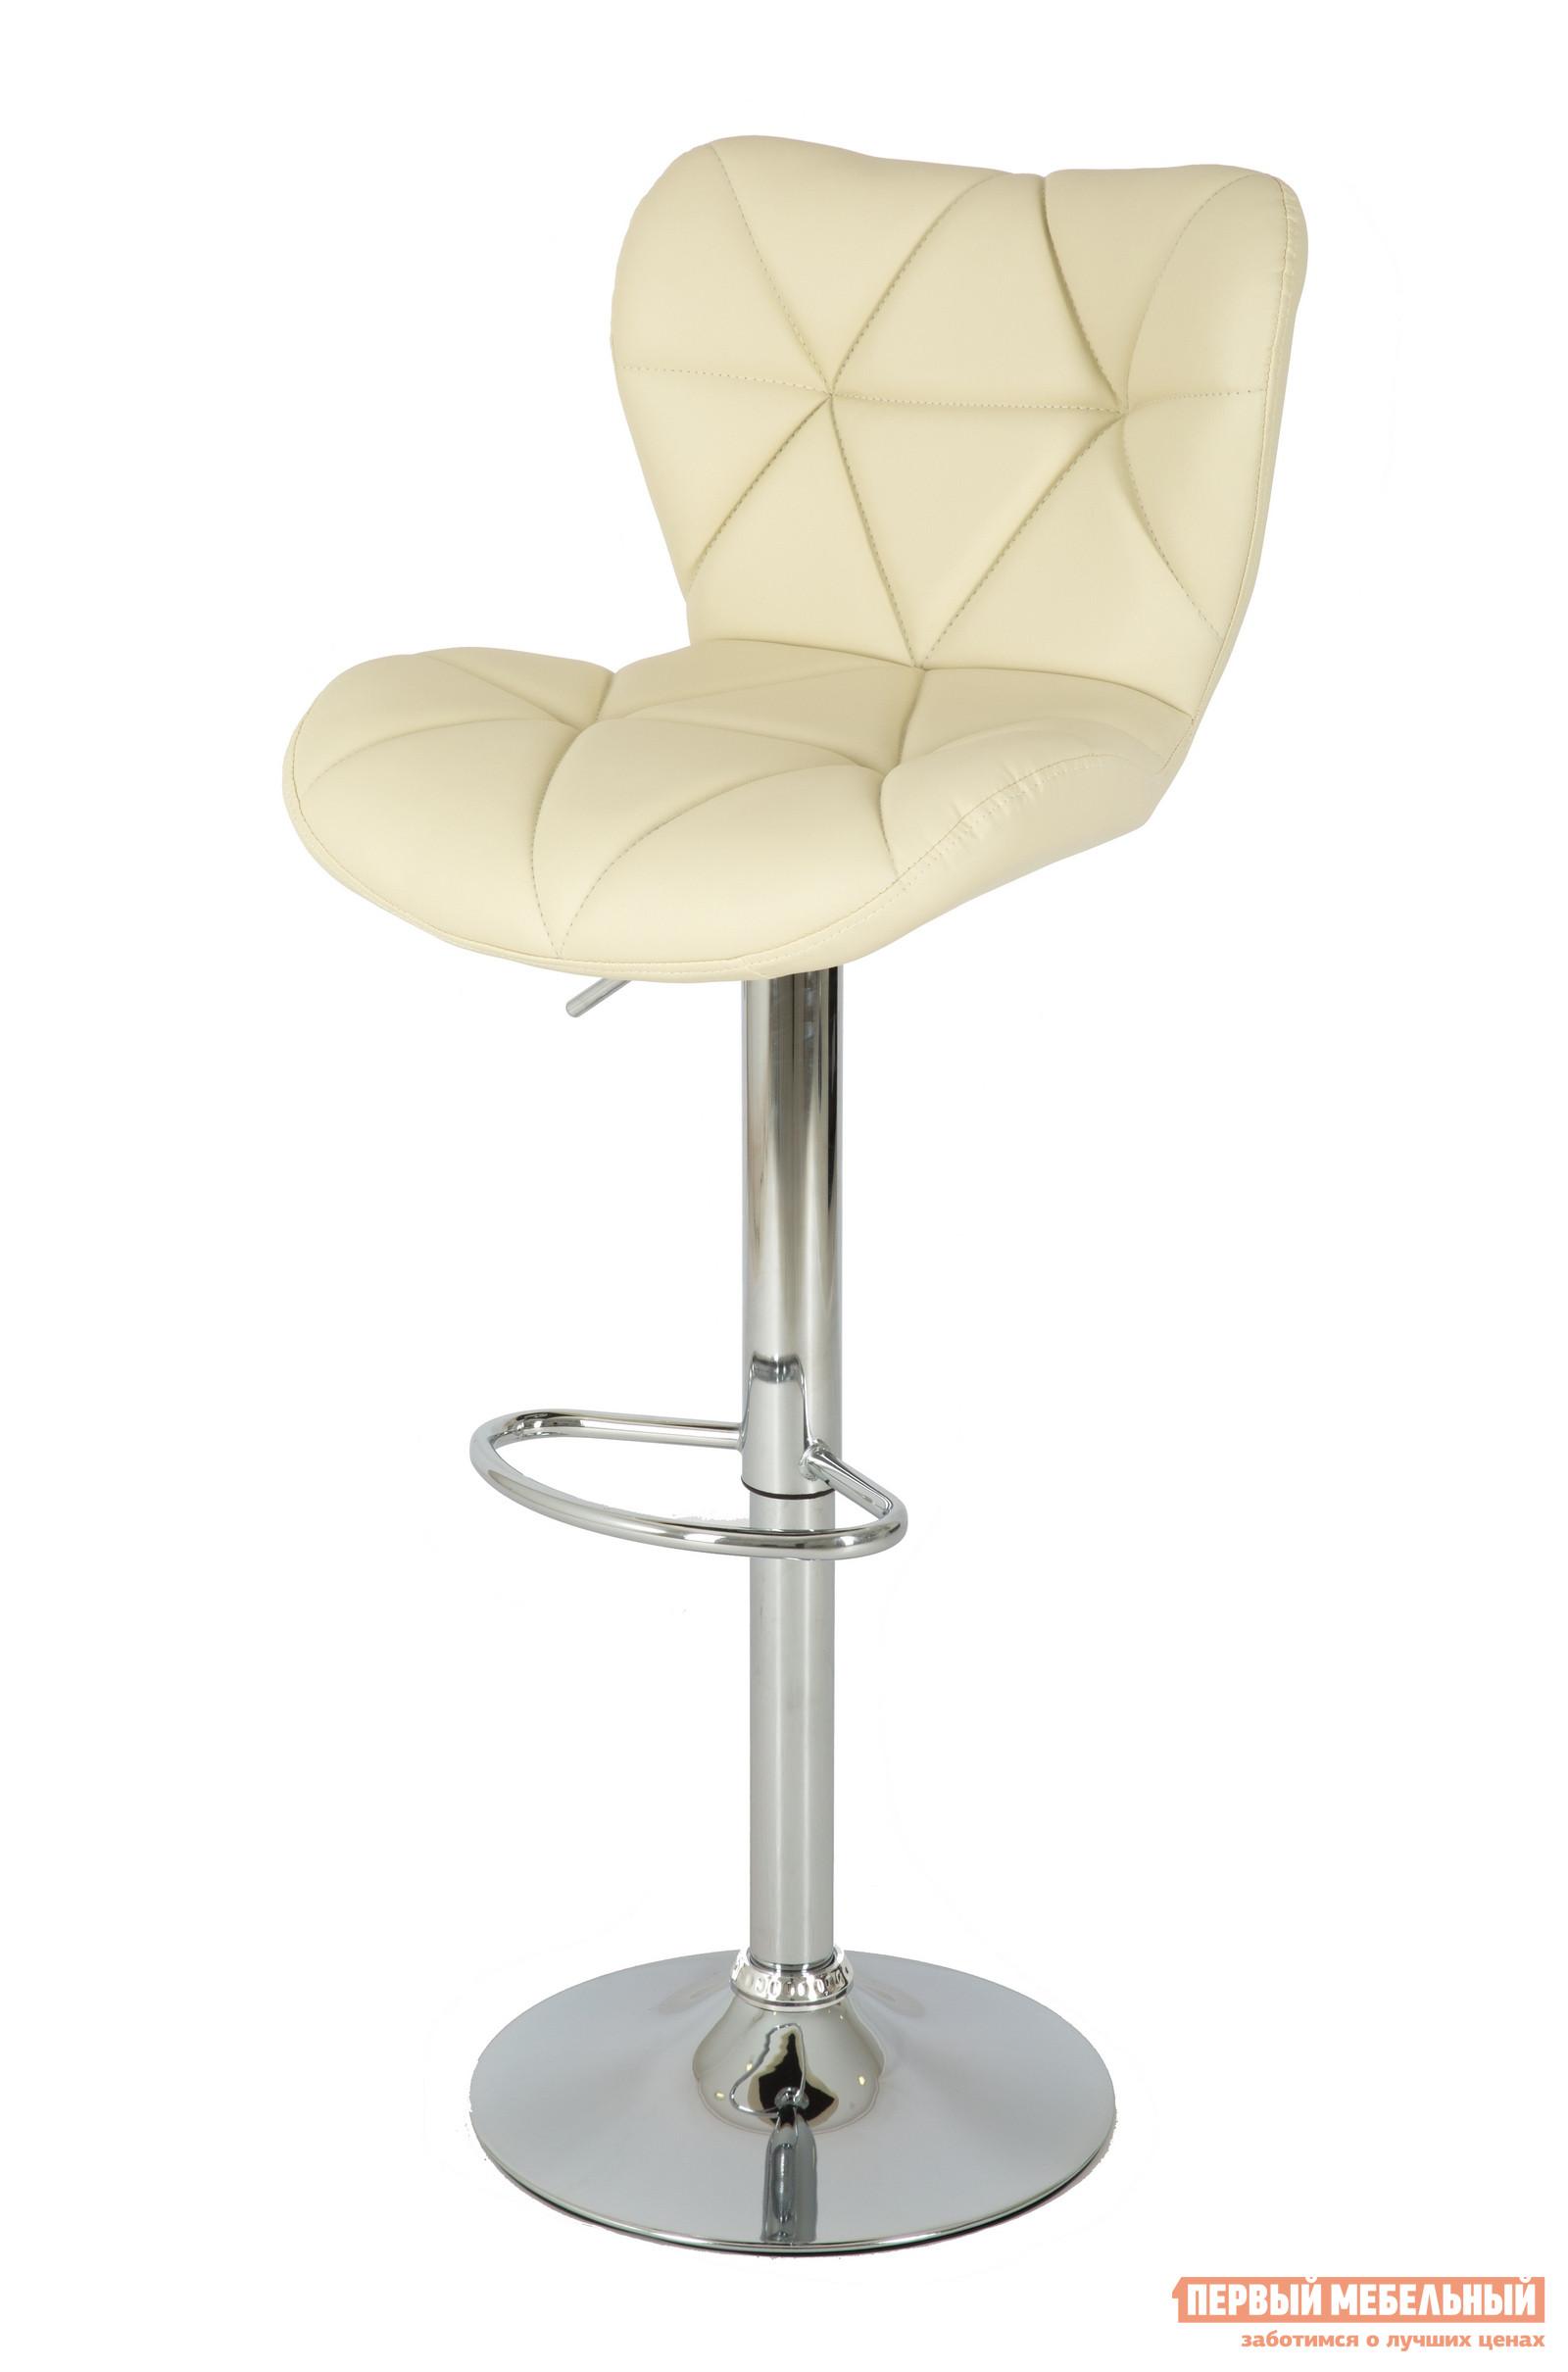 Барный стул Бентли Трейд JY-1008 барный стул бентли трейд jy 1013